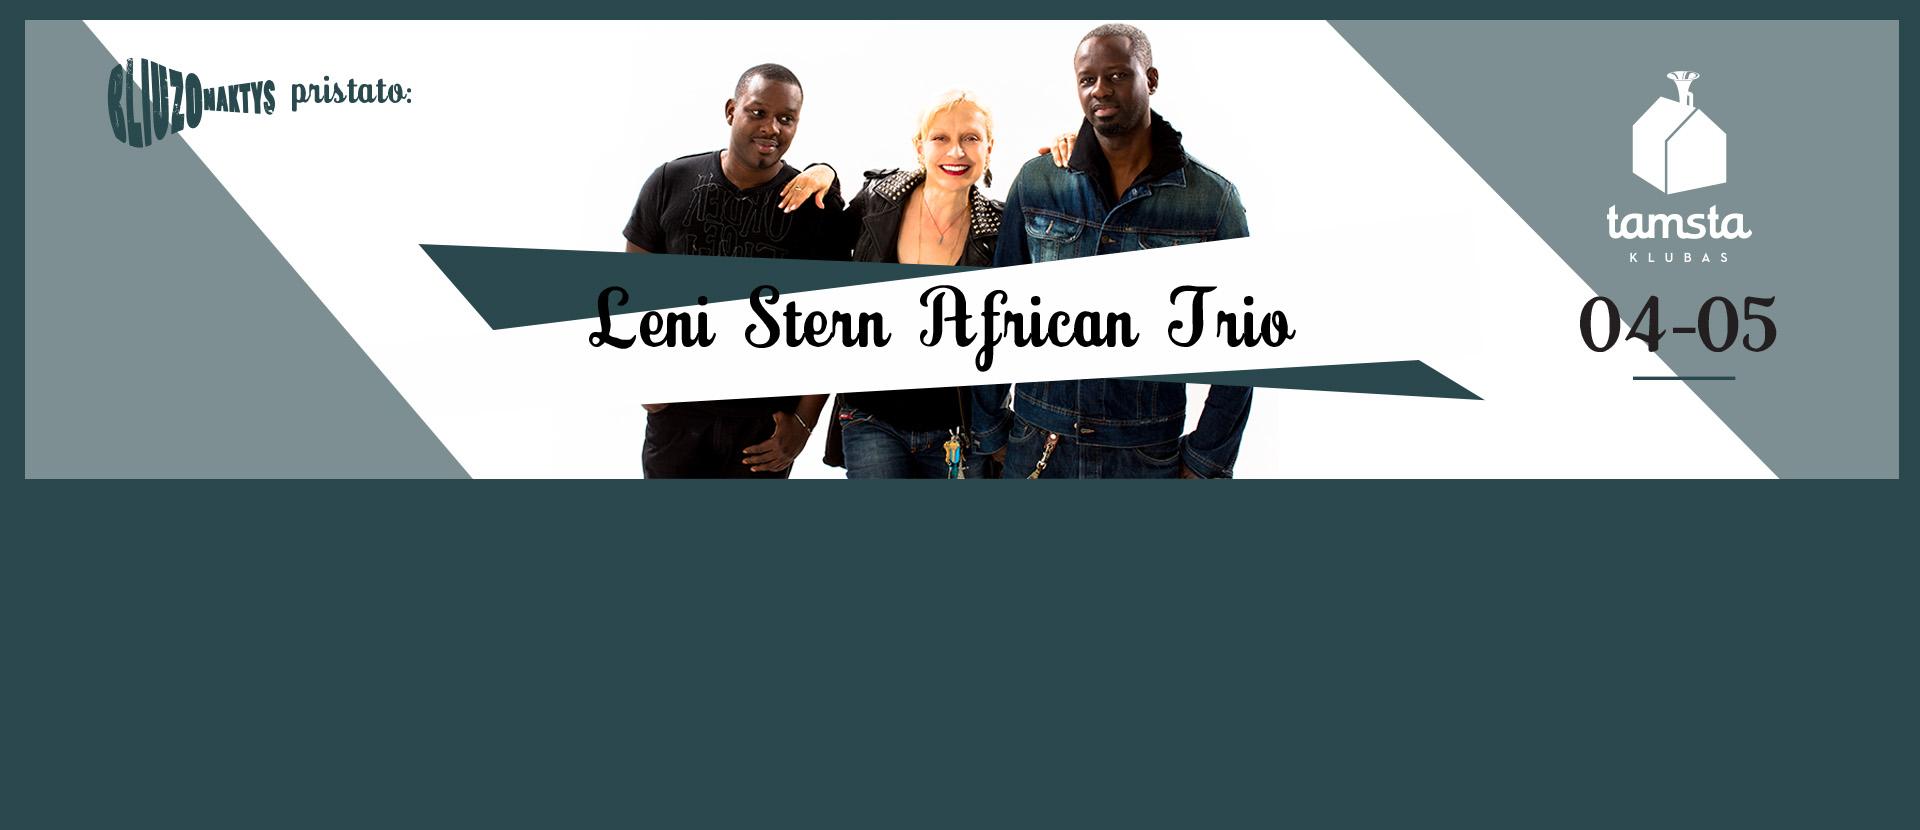 Bliuzo Naktys pristato: Leni Stern African Trio